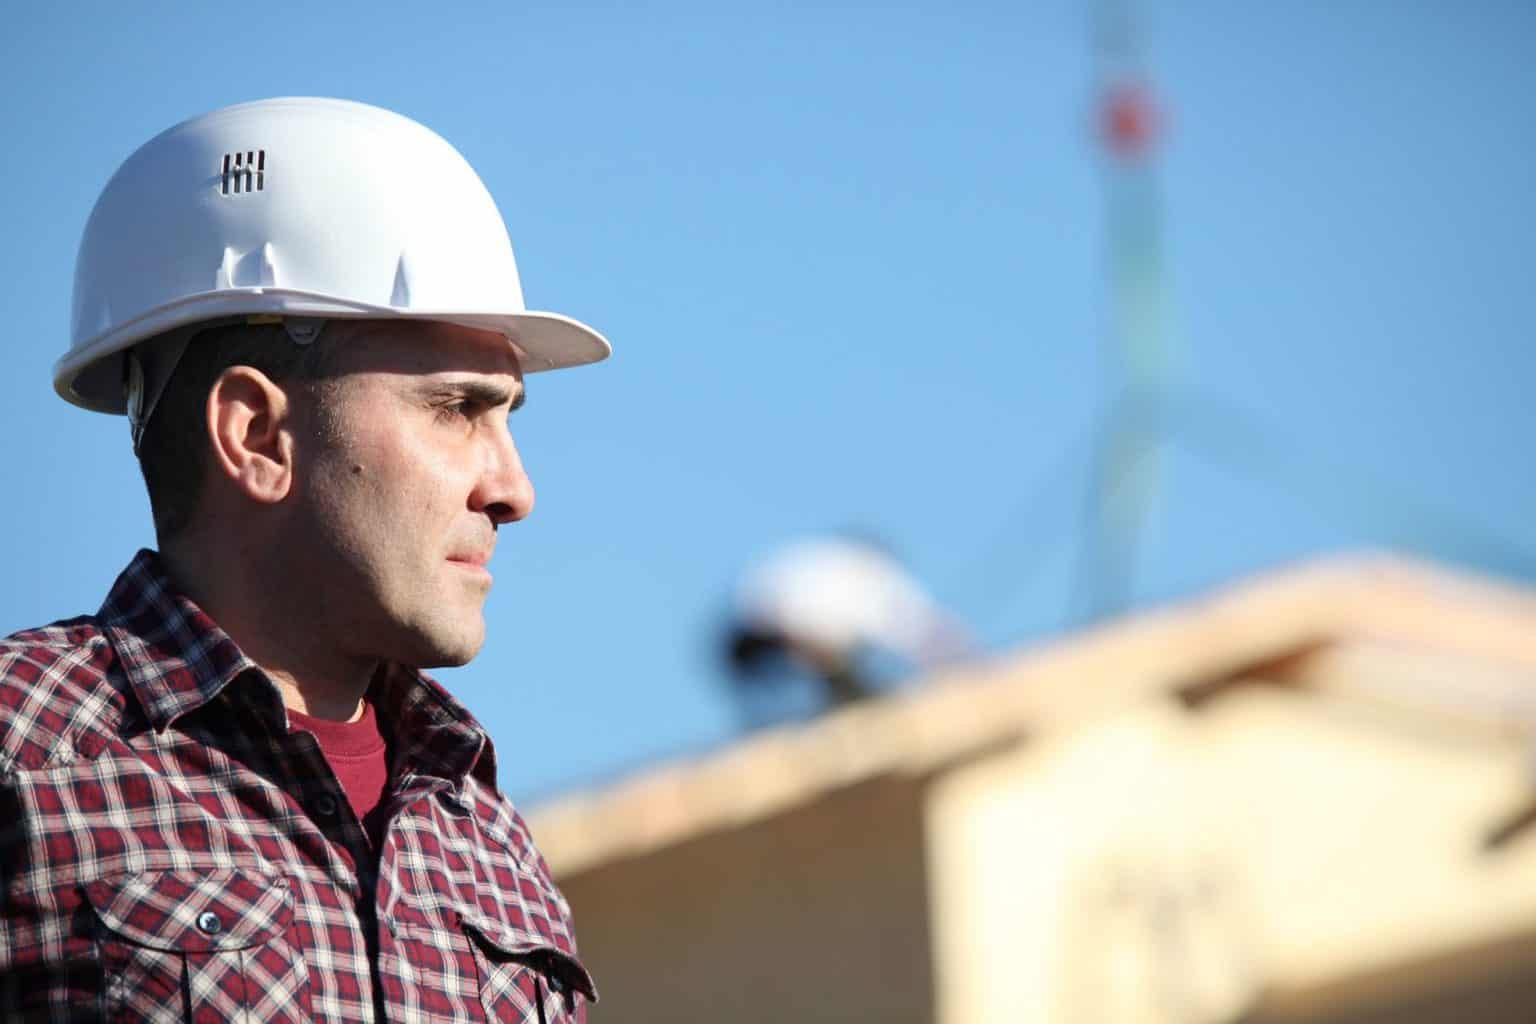 Construction Worker vs Contractor